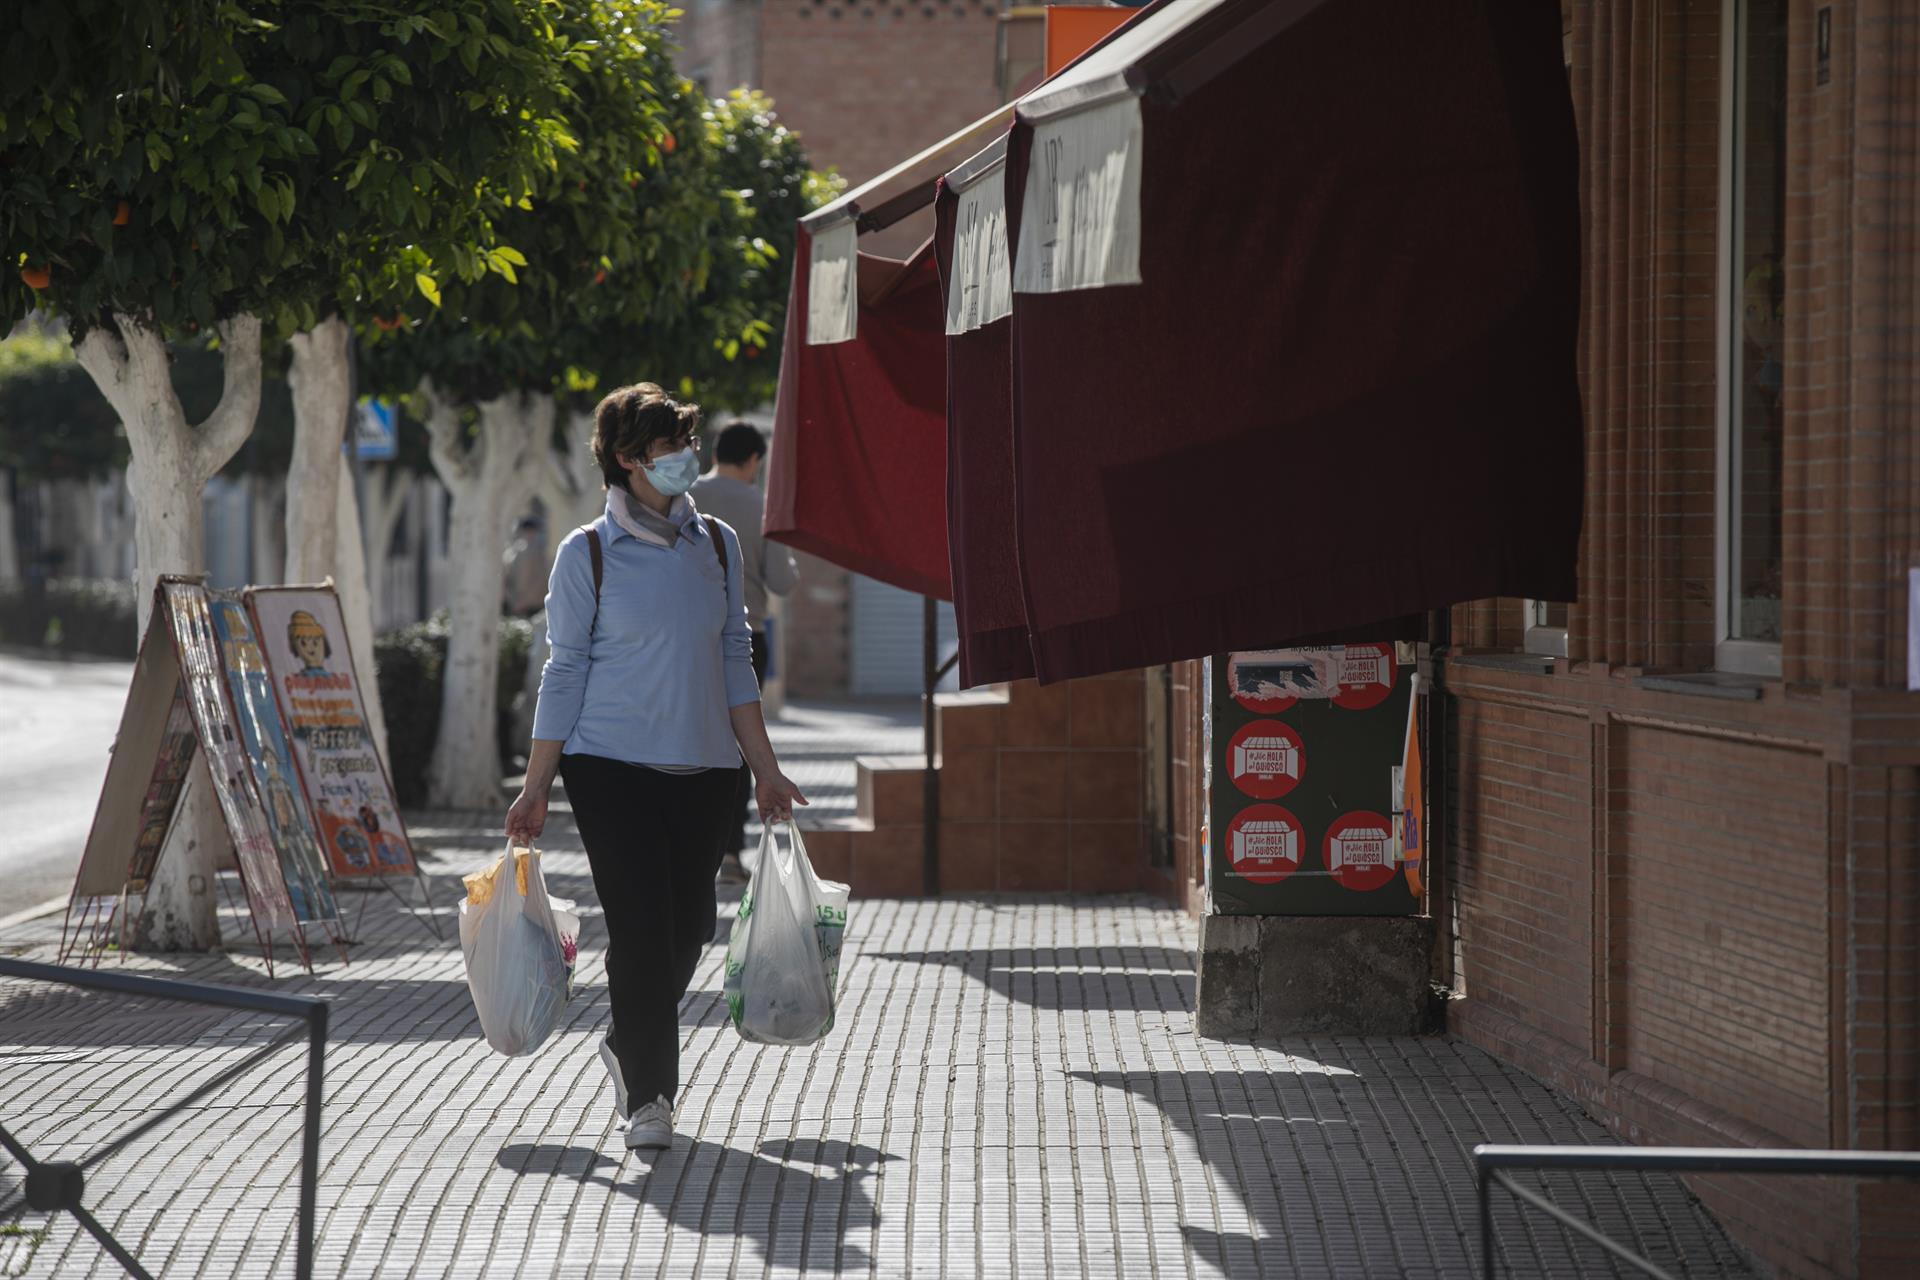 Las ventas del comercio minorista caen en Andalucía un 12,7% en febrero, 3,3 puntos más que a nivel nacional